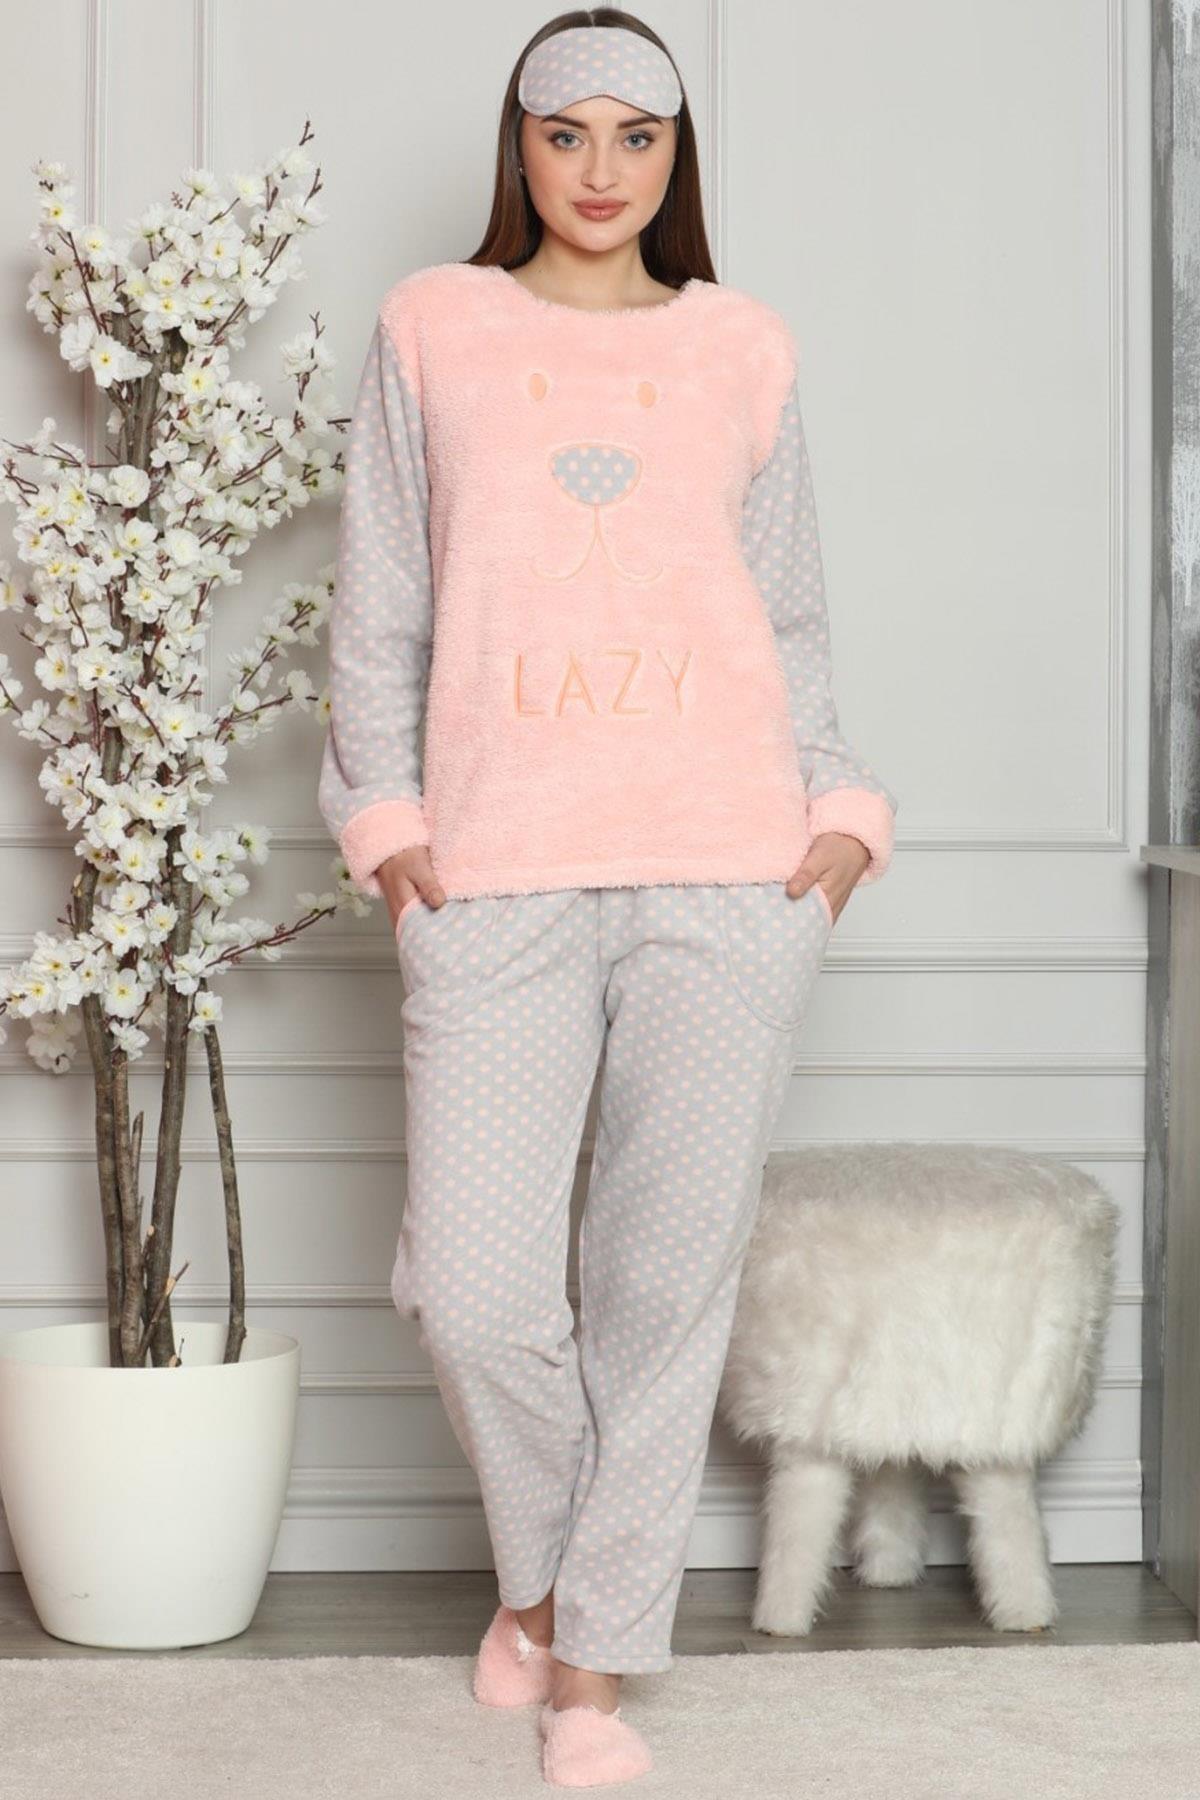 Pijamaevi Kadın Somon Somon Lazy Desenli Kadın Peluş Pijama Takımı 2